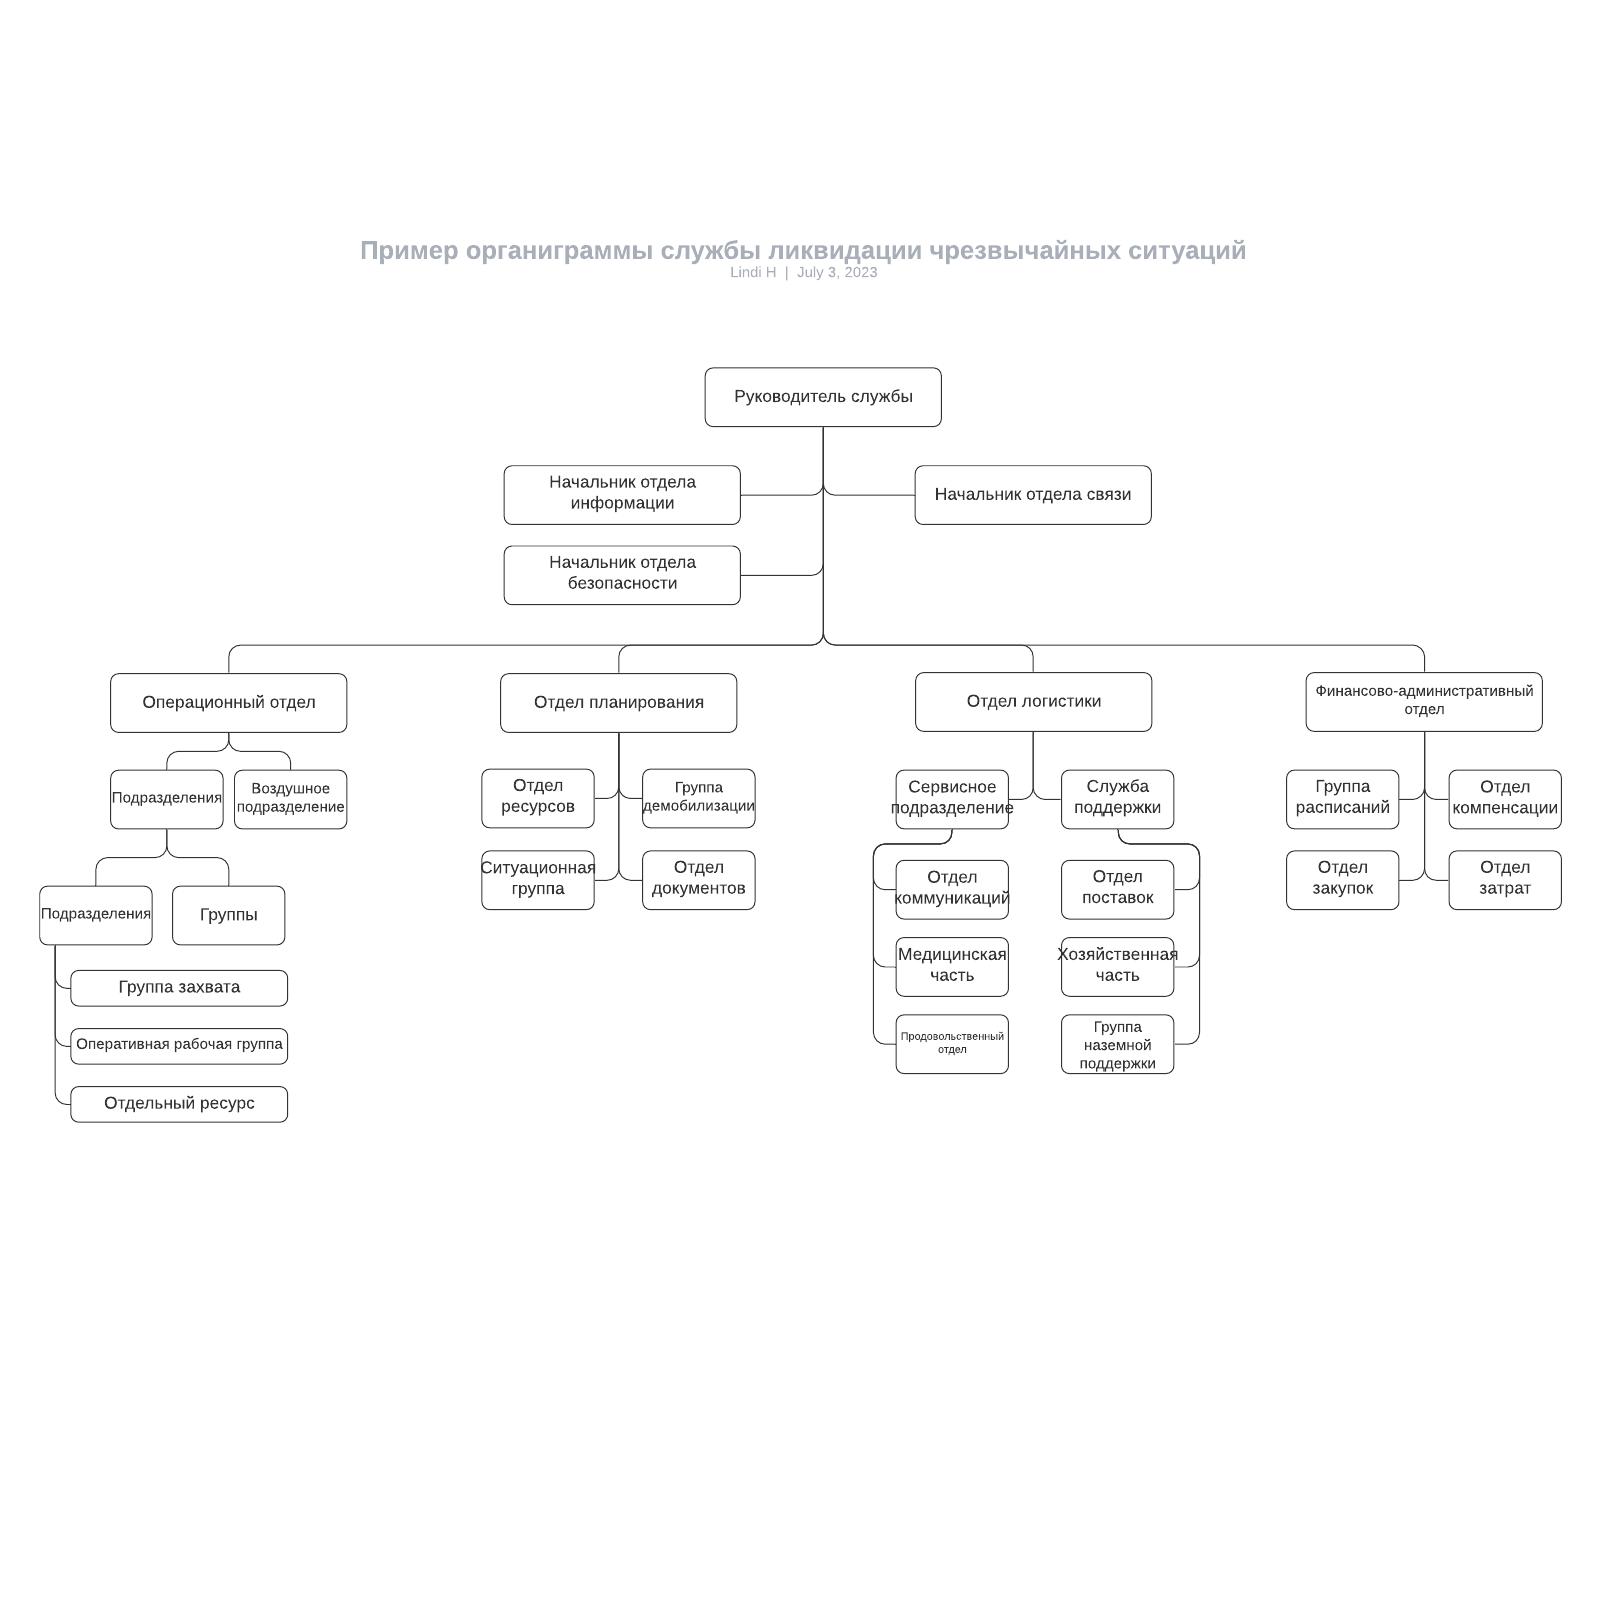 Пример органиграммы службы ликвидации чрезвычайных ситуаций